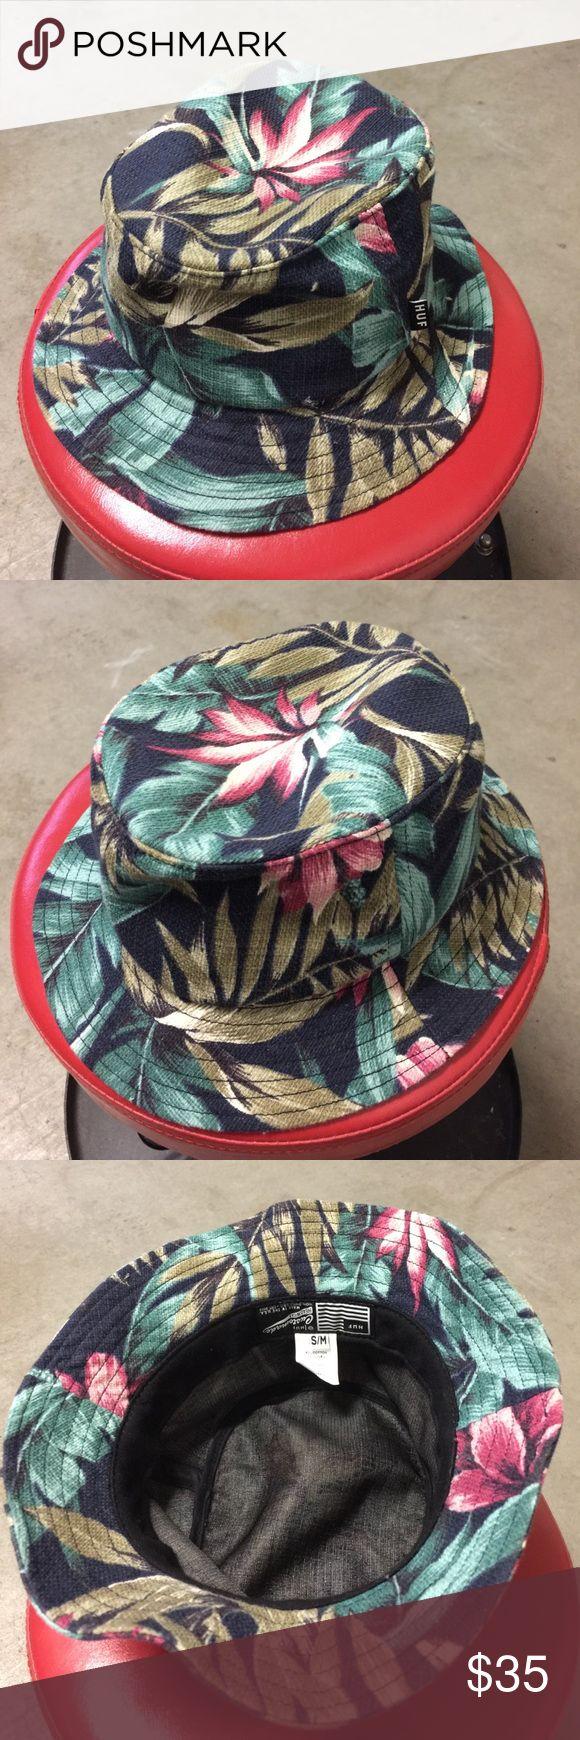 HUF Bucket Hawaiian Hat HUF Bucket Hat with Hawaiian Vibes Print Size S/M HUF Accessories Hats